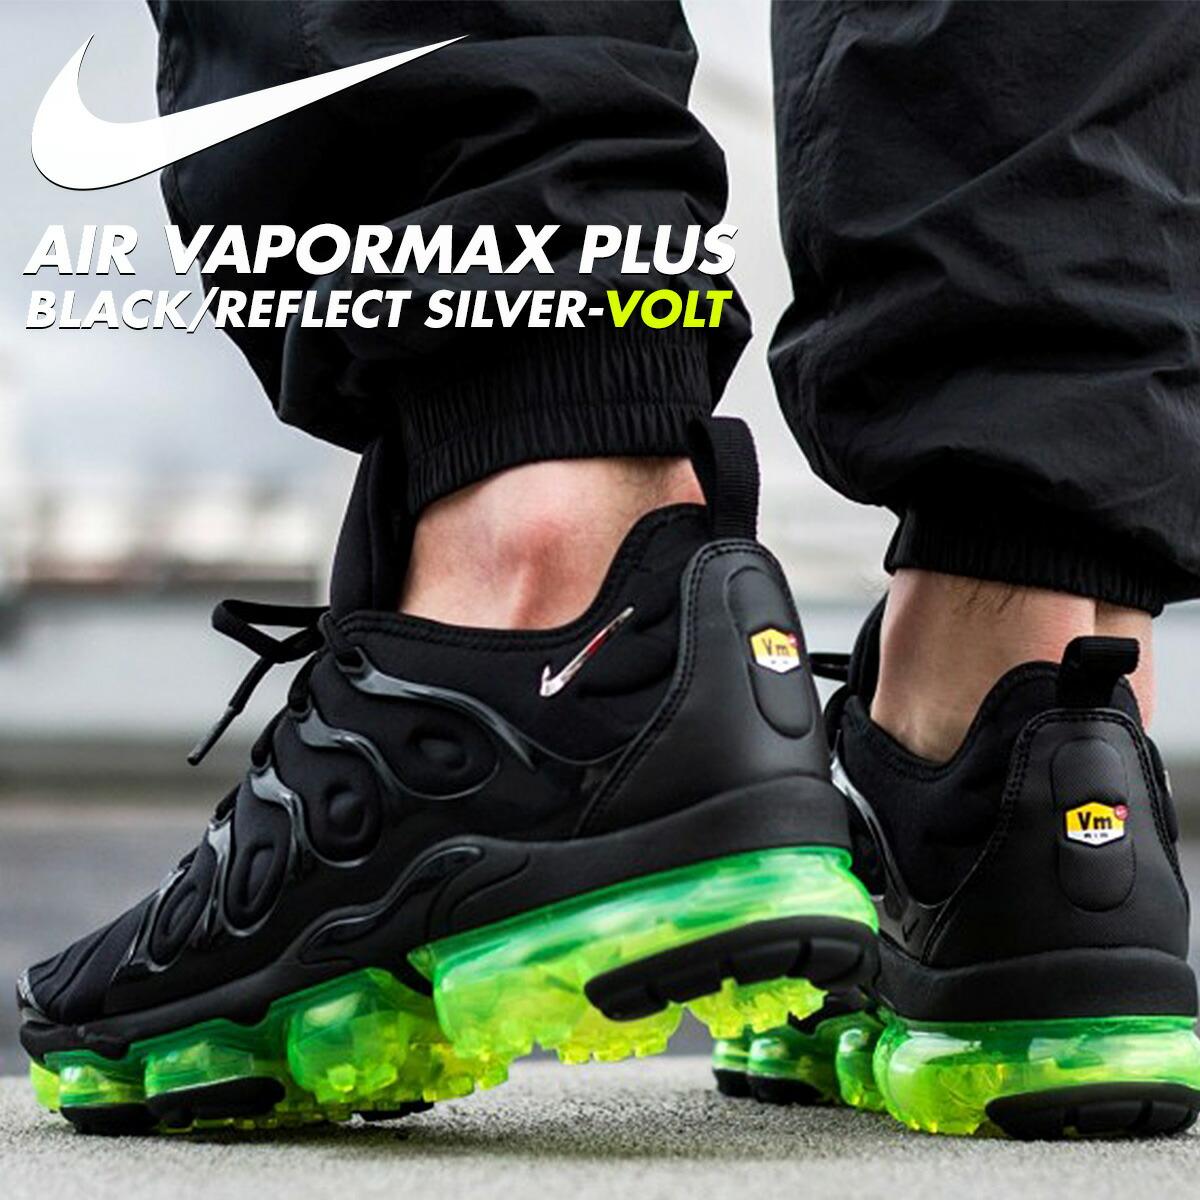 reputable site 8e682 17979 NIKE AIR VAPORMAX PLUS Nike vapor max plus sneakers men gap Dis black  924,453-015